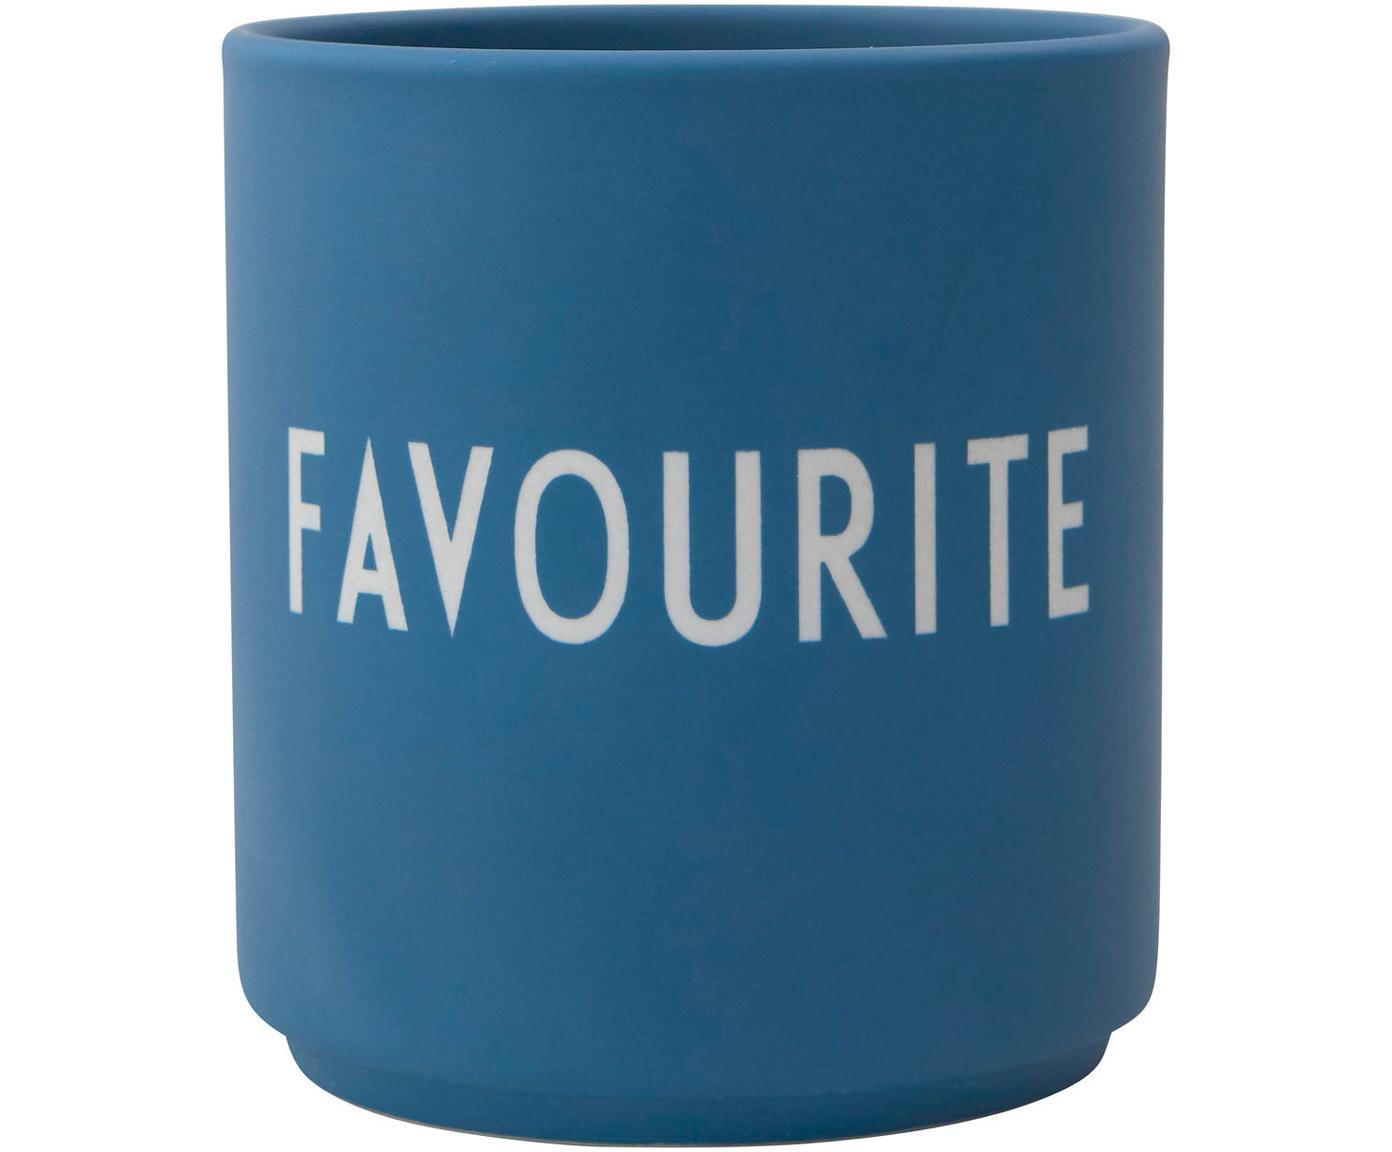 Kubek Favourite, Porcelana chińska, glazurowana, Niebieski, biały, Ø 8 x W 9 cm